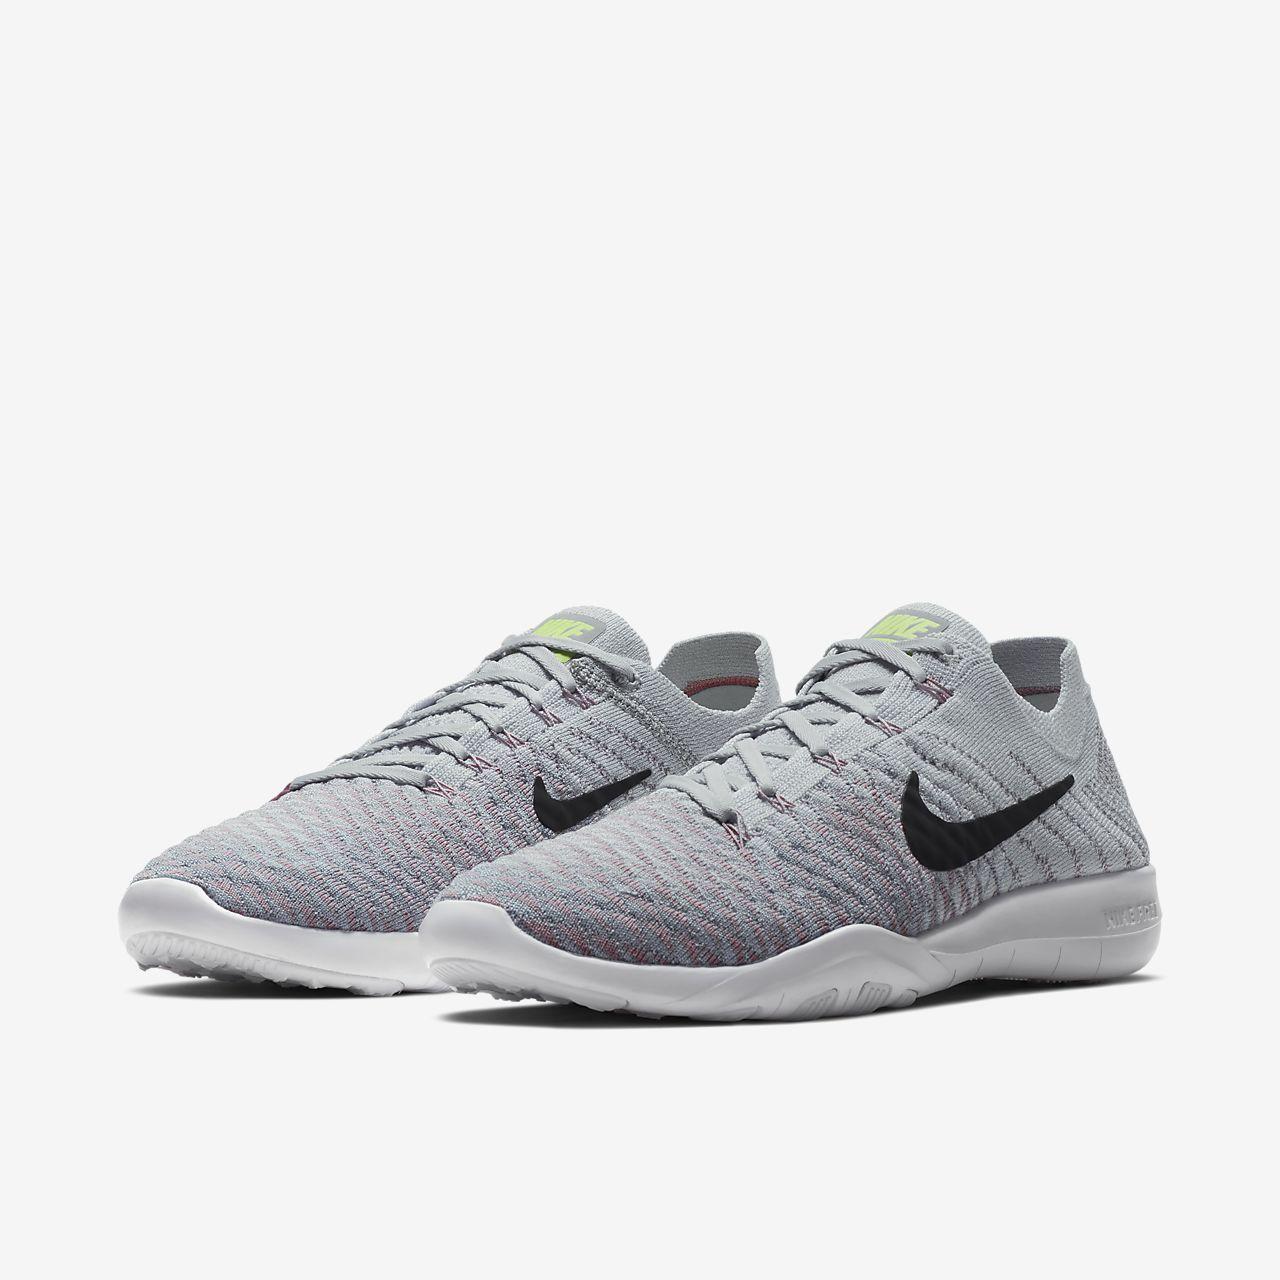 Nike Free TR Flyknit 2 Women's Bodyweight Training, Workout Shoe